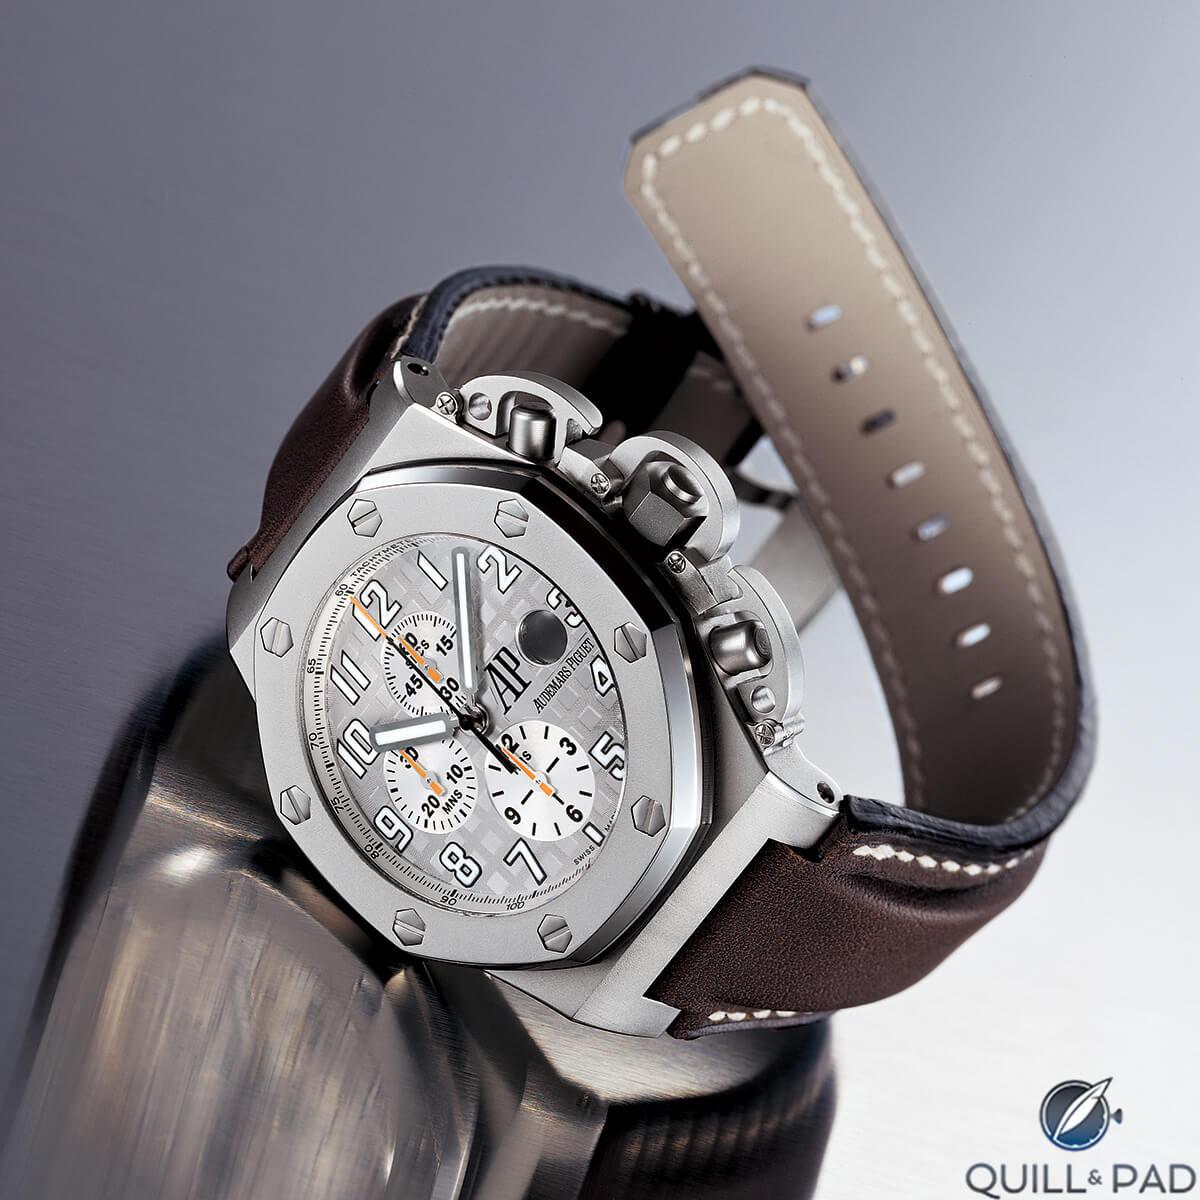 Audemars Piguet Royal Oak Offshore T3 Chronograph